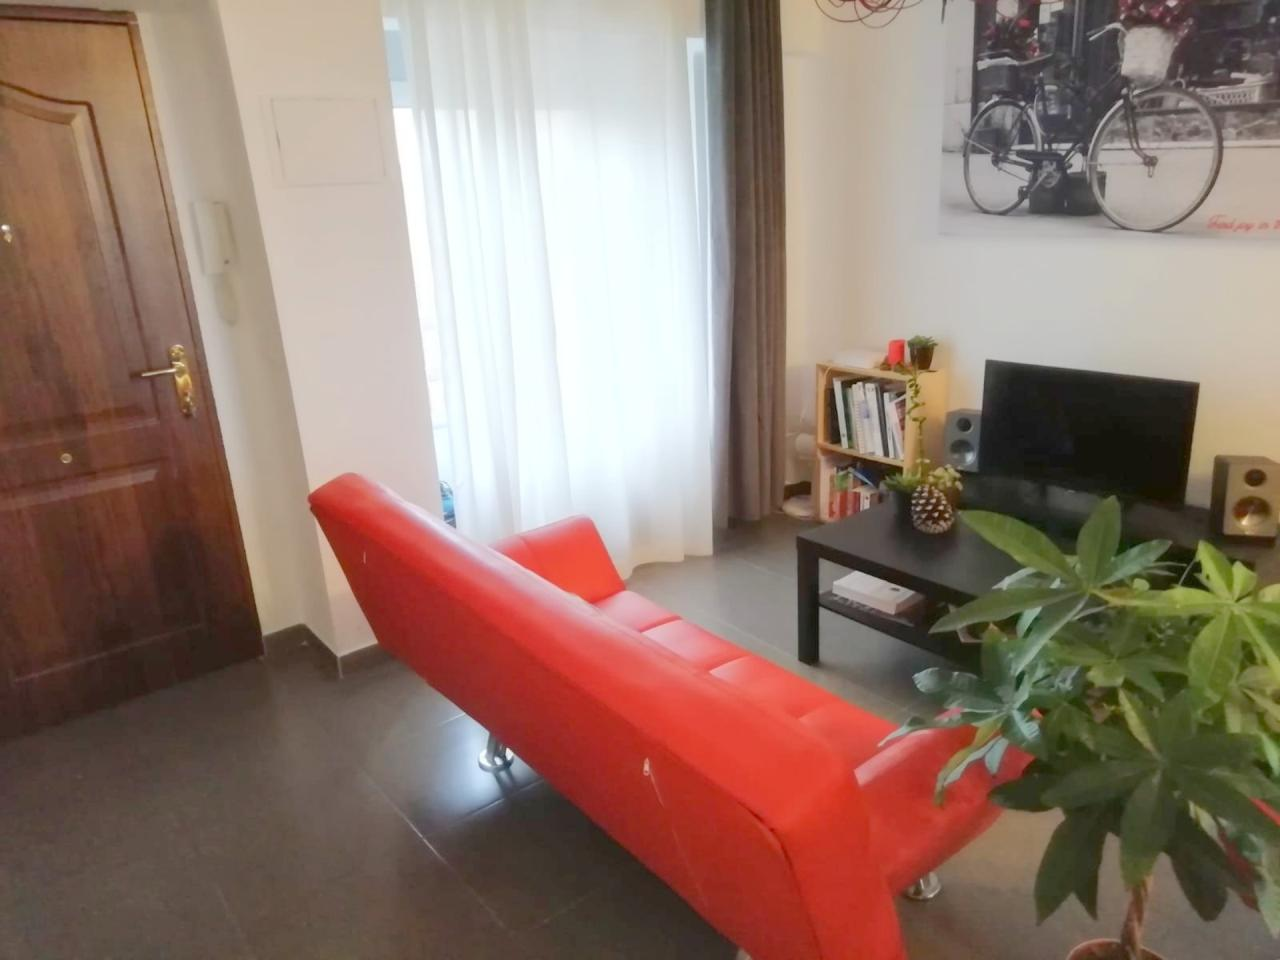 Apartment for rent in Moncada – Ref. 001104